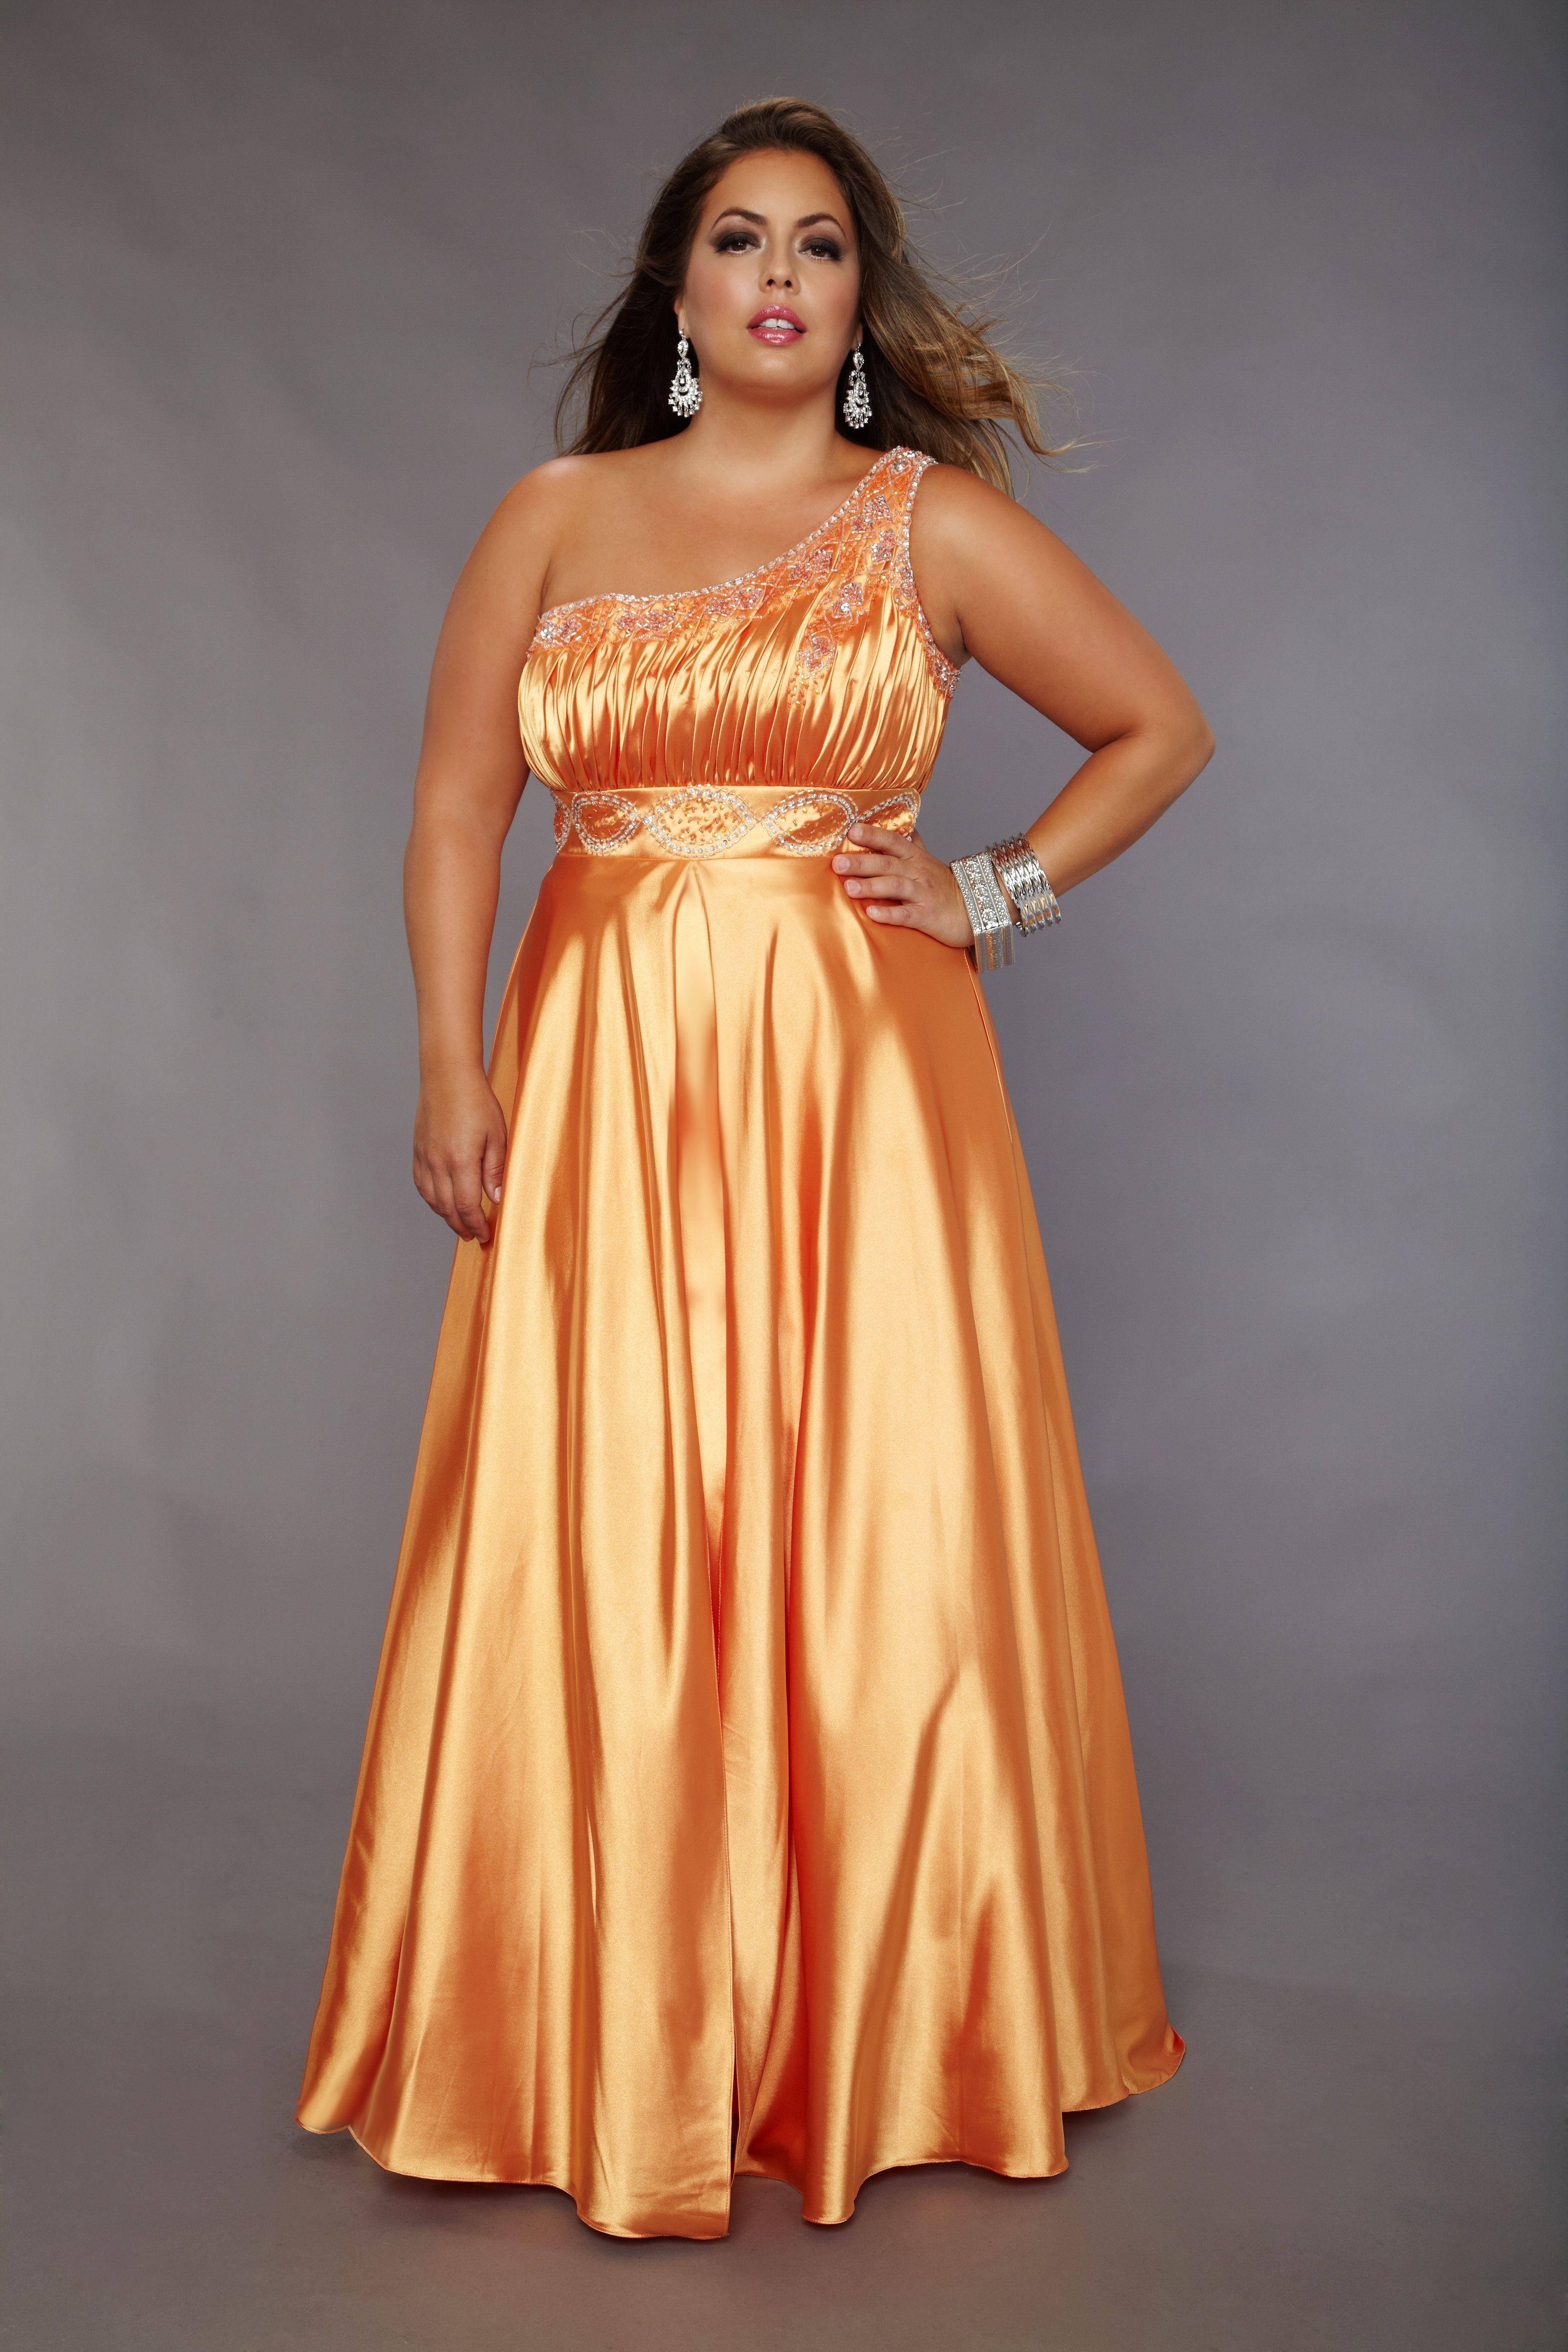 Formal Plus Size Dresses Under 100 Banquet Attire Pinterest